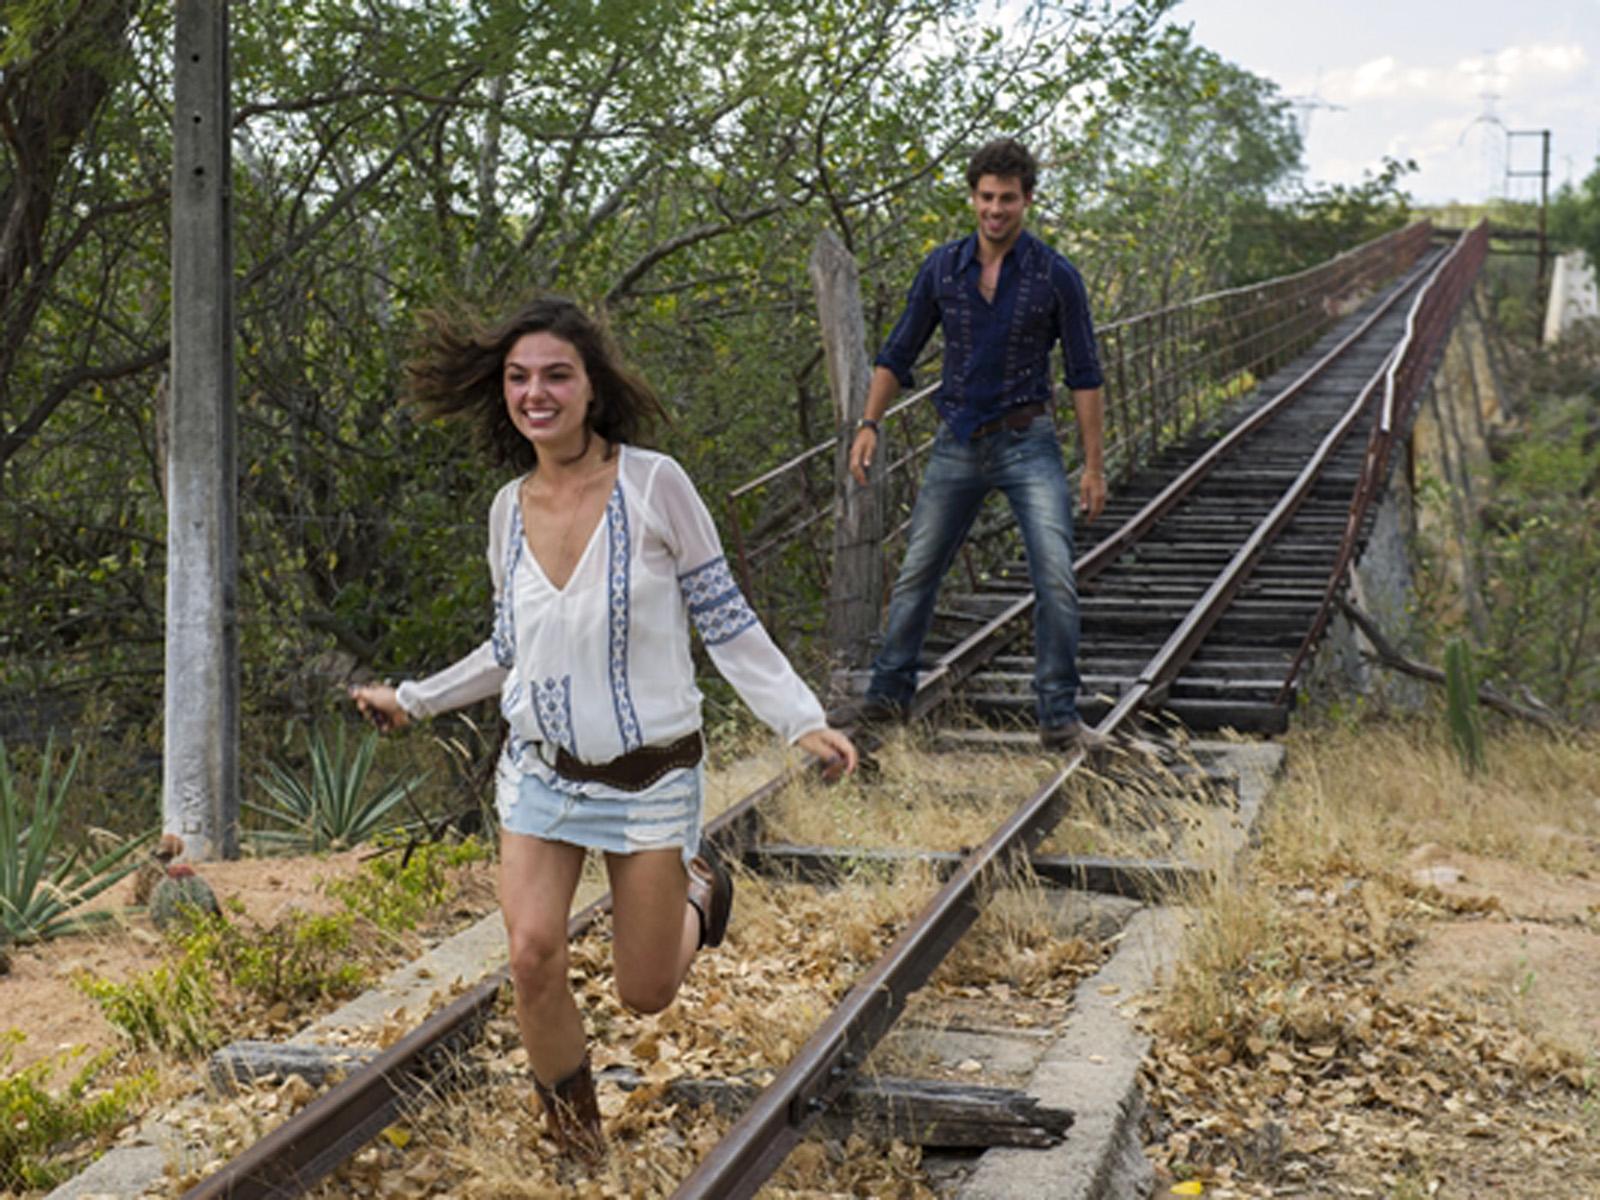 Amores Roubados amores roubados: amores roubados : foto - 6 no 13 - adorocinema